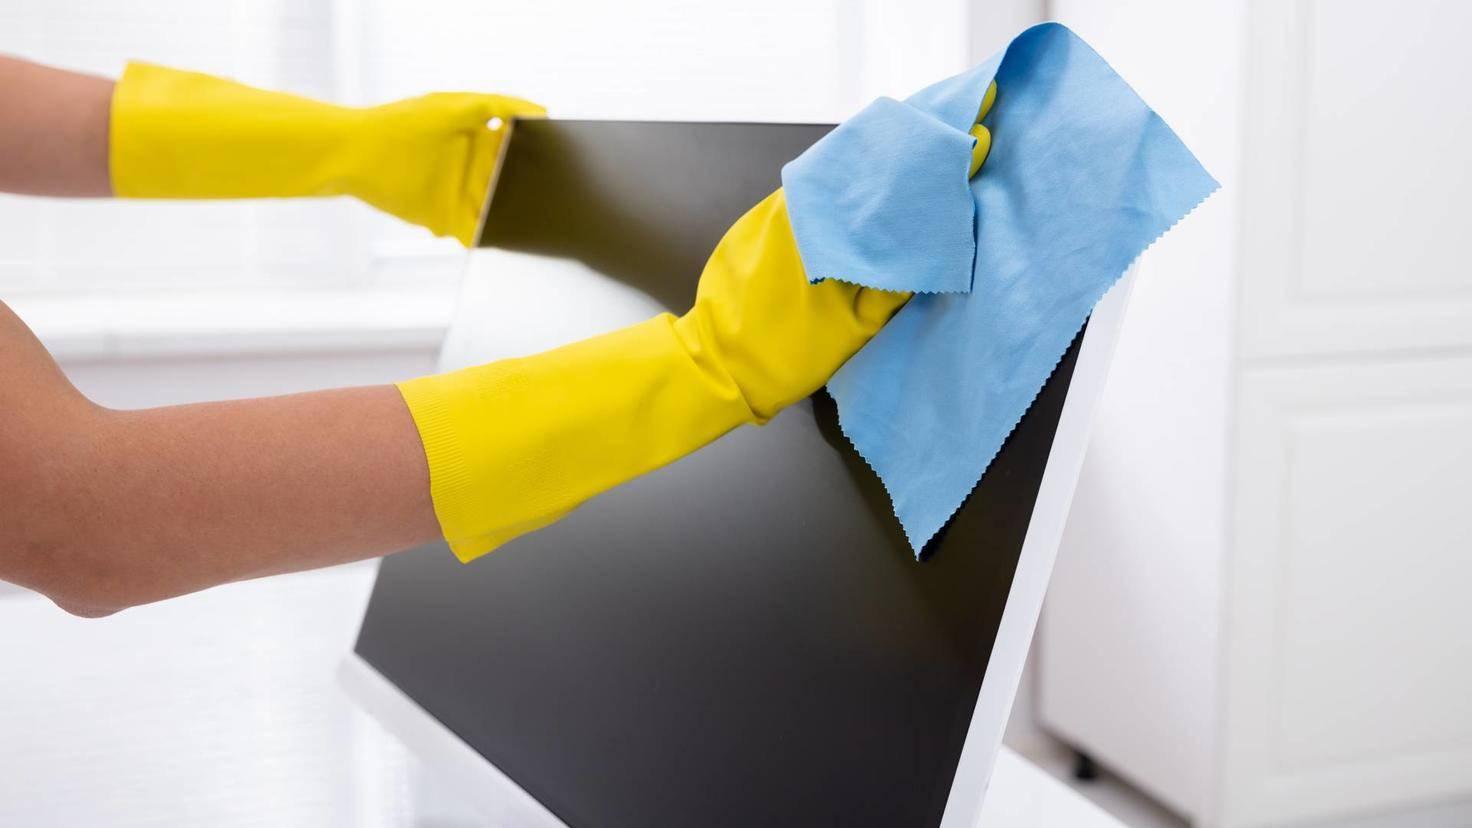 Nettoyage du moniteur PC